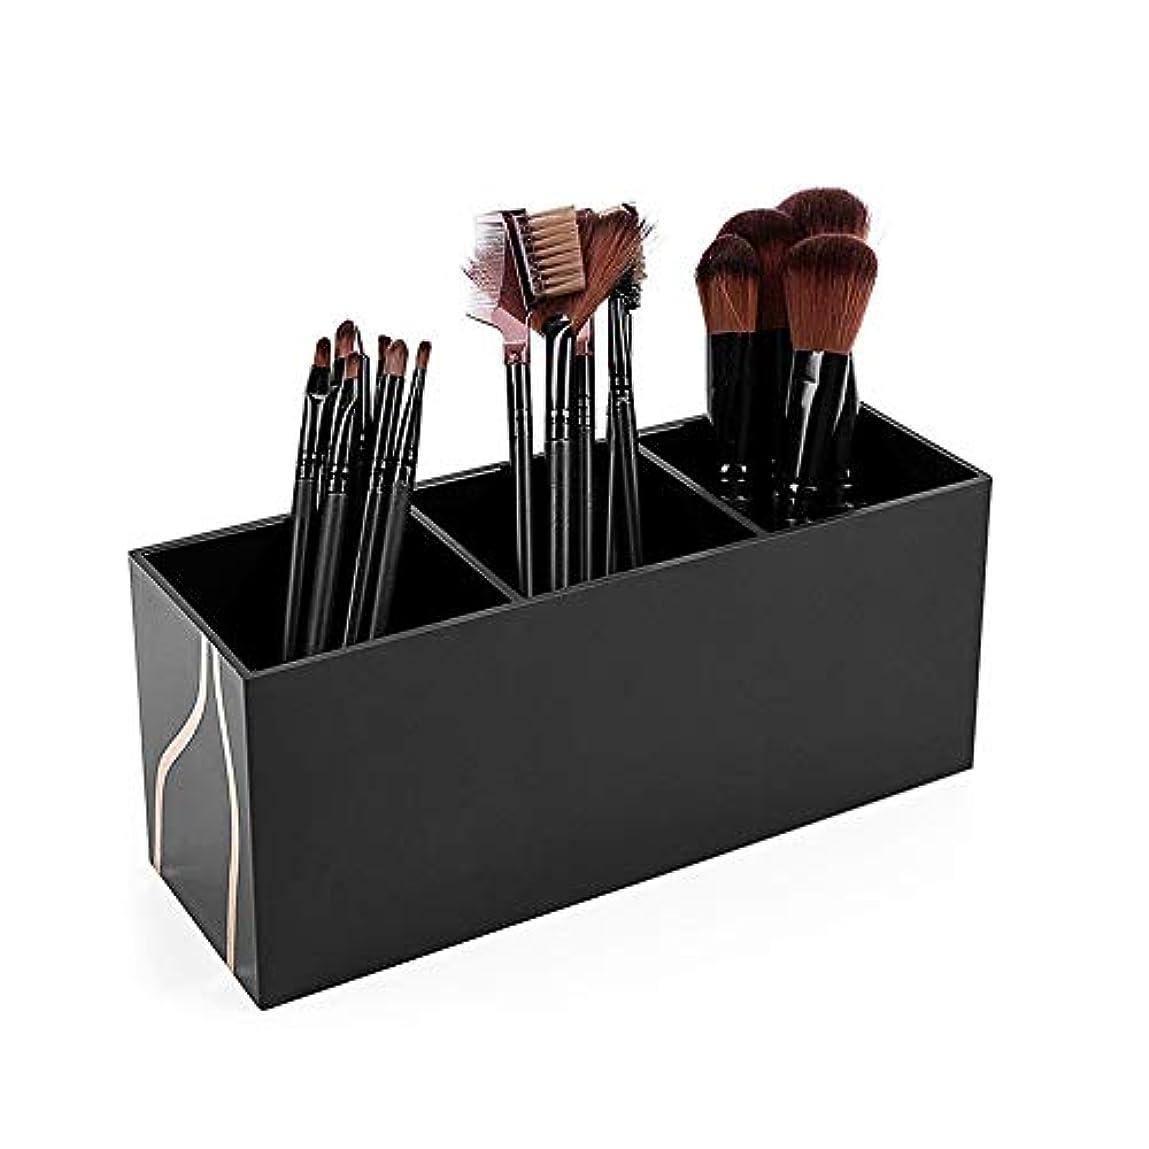 否認するフレキシブル廃棄整理簡単 シンプルなブラシホルダーアクリル化粧オーガナイザー化粧品収納ケーススタンド用メイクアップブラシ (Color : Black, Size : 20*8.7*7cm)